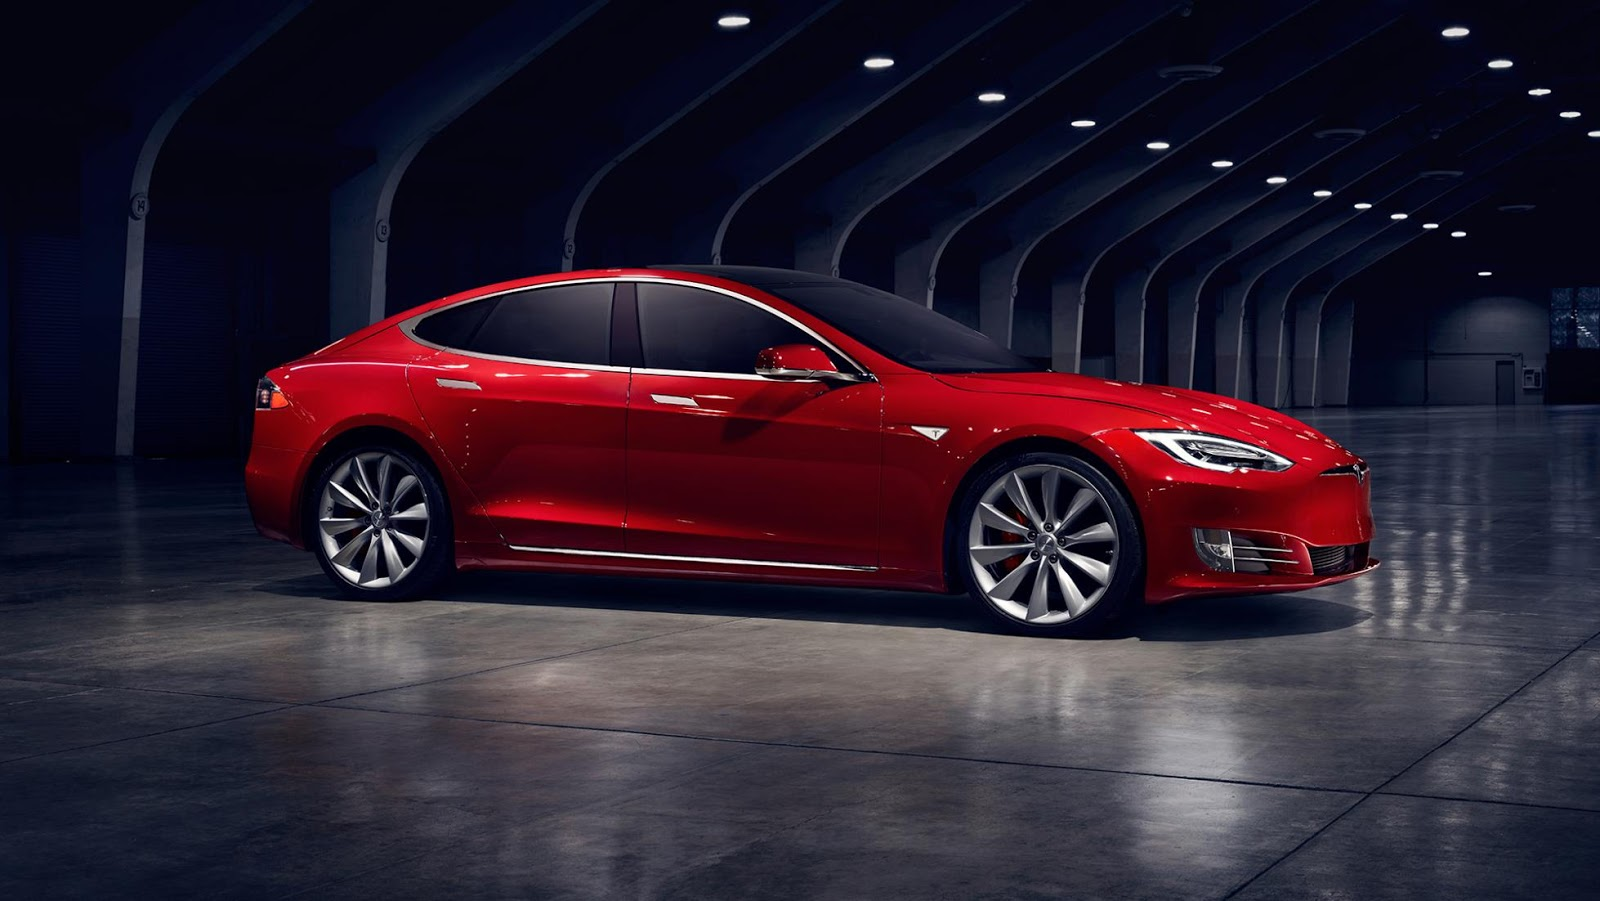 Tesla Model S - Đây là hình ảnh chính thức của siêu xế điện hot nhất hiện nay